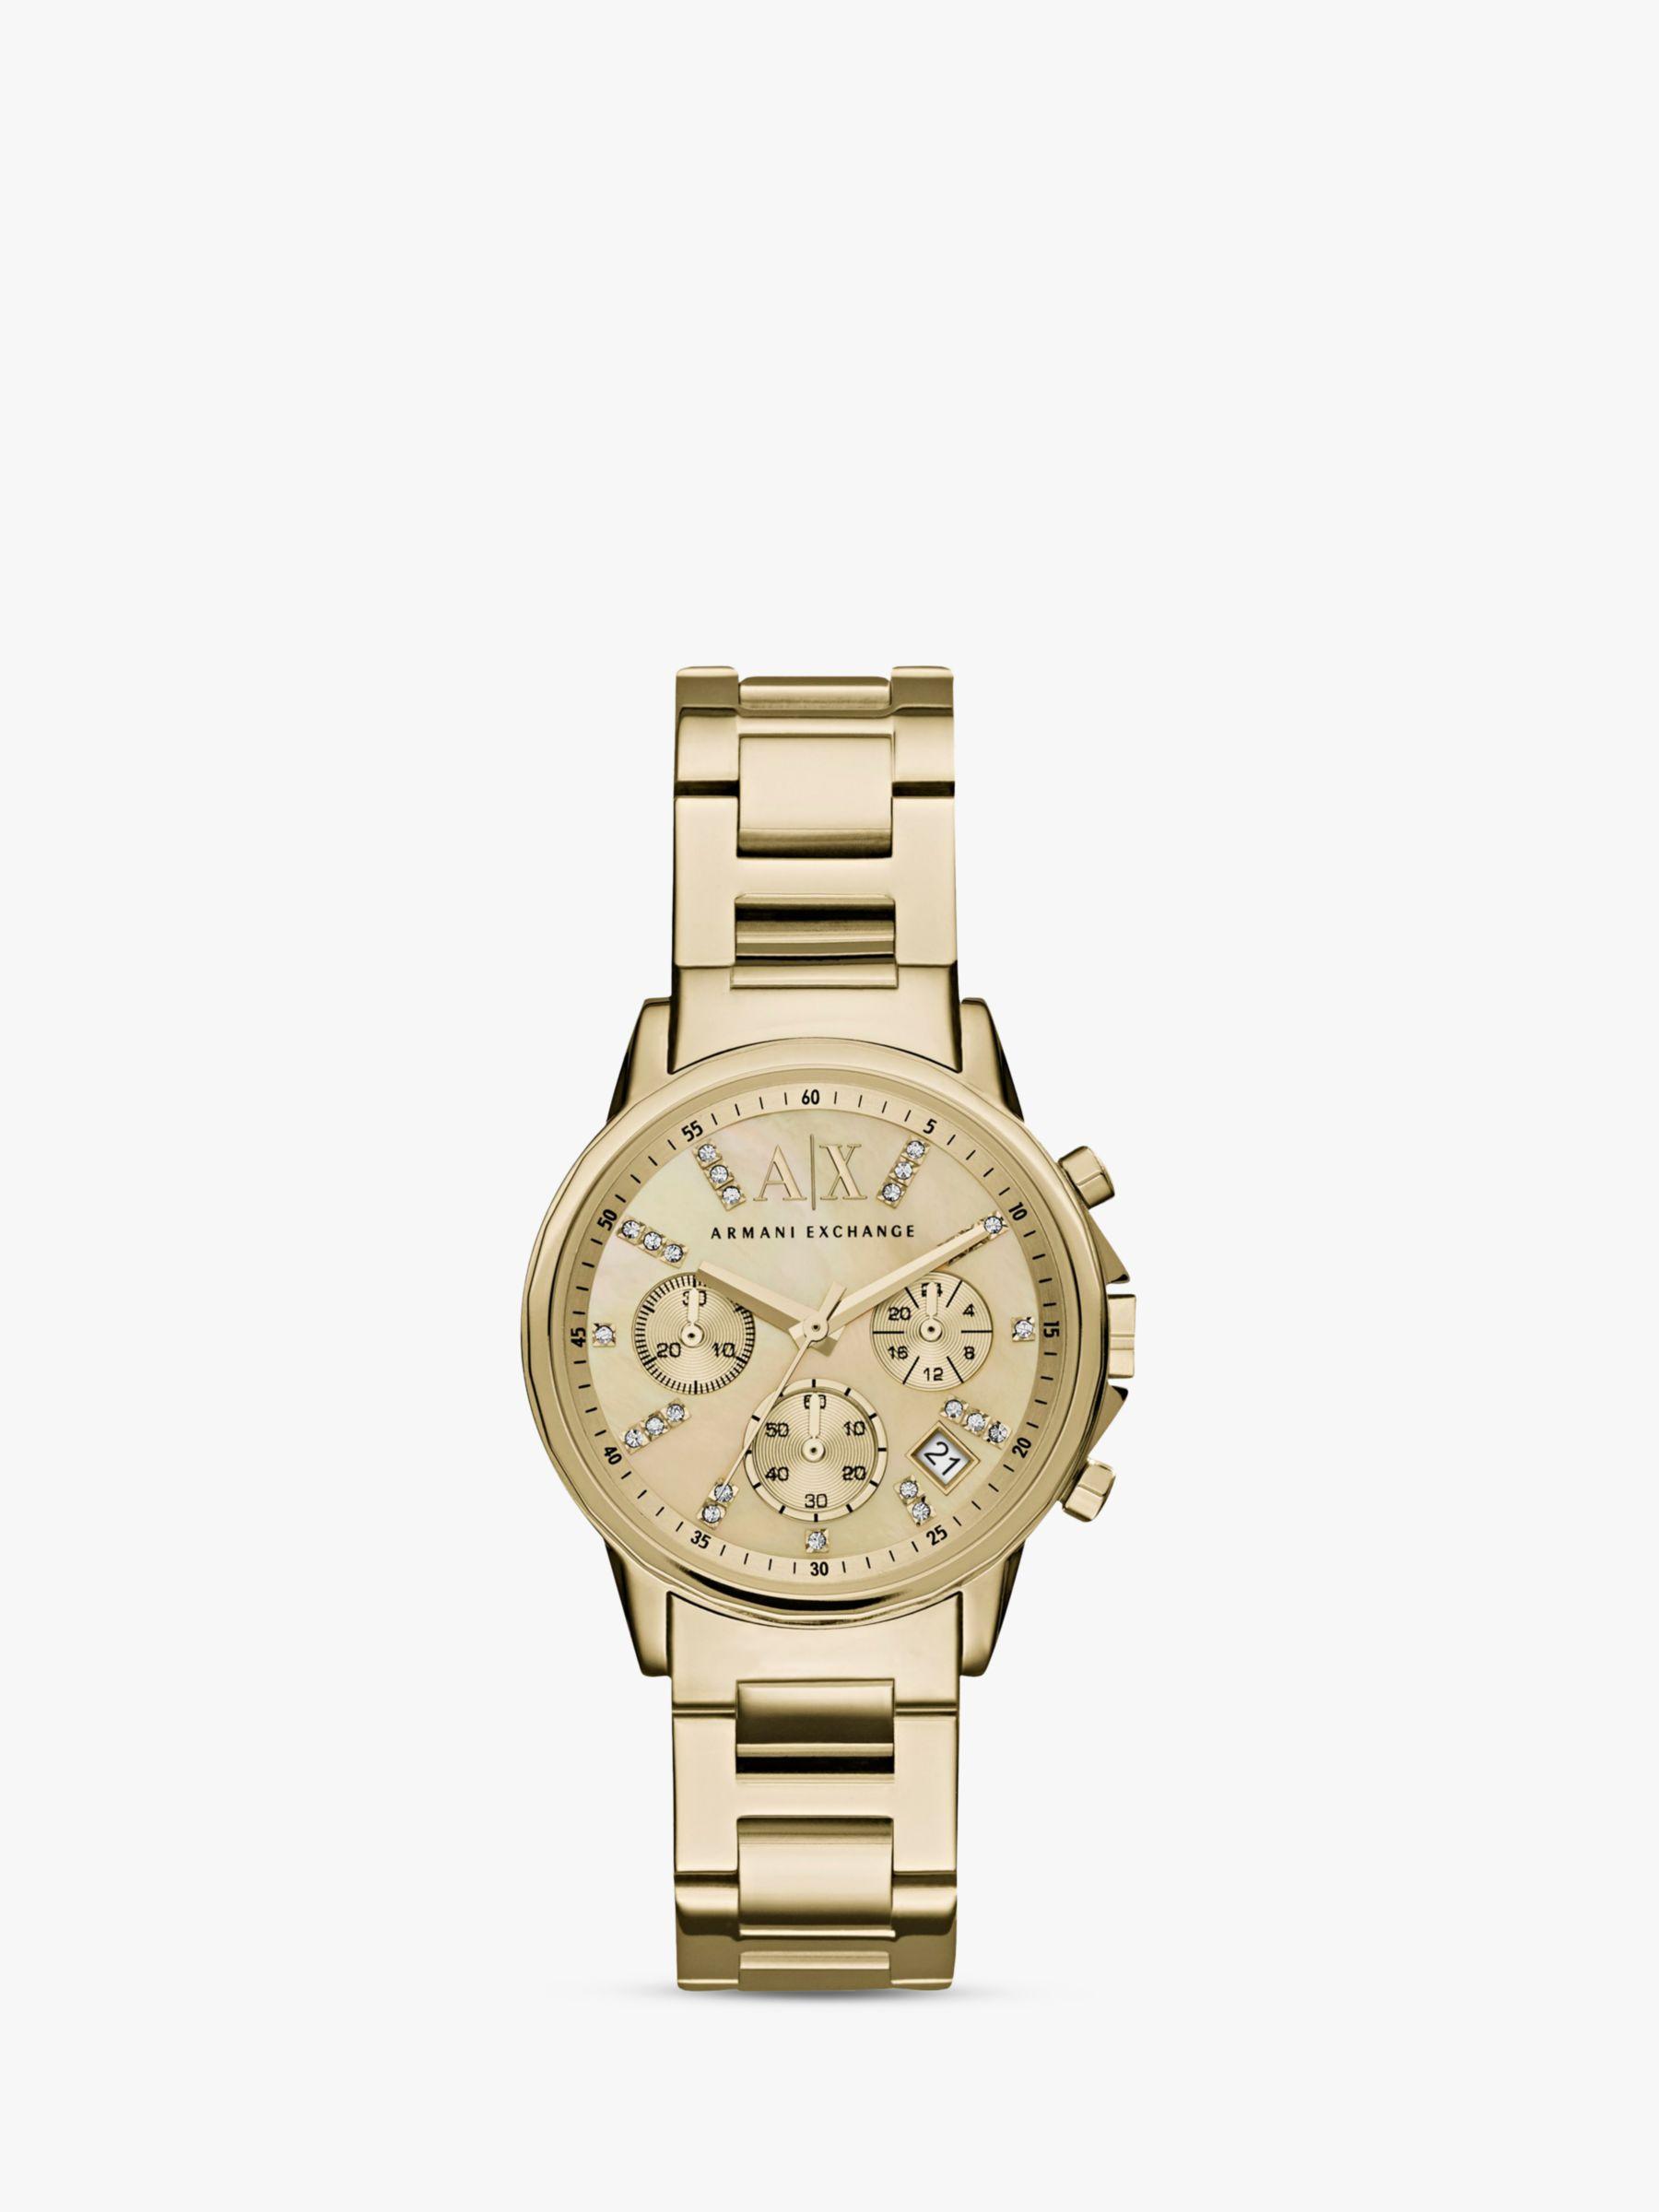 Armani Exchange Armani Exchange AX4327 Women's Crystal Chronograph Date Bracelet Strap Watch, Gold